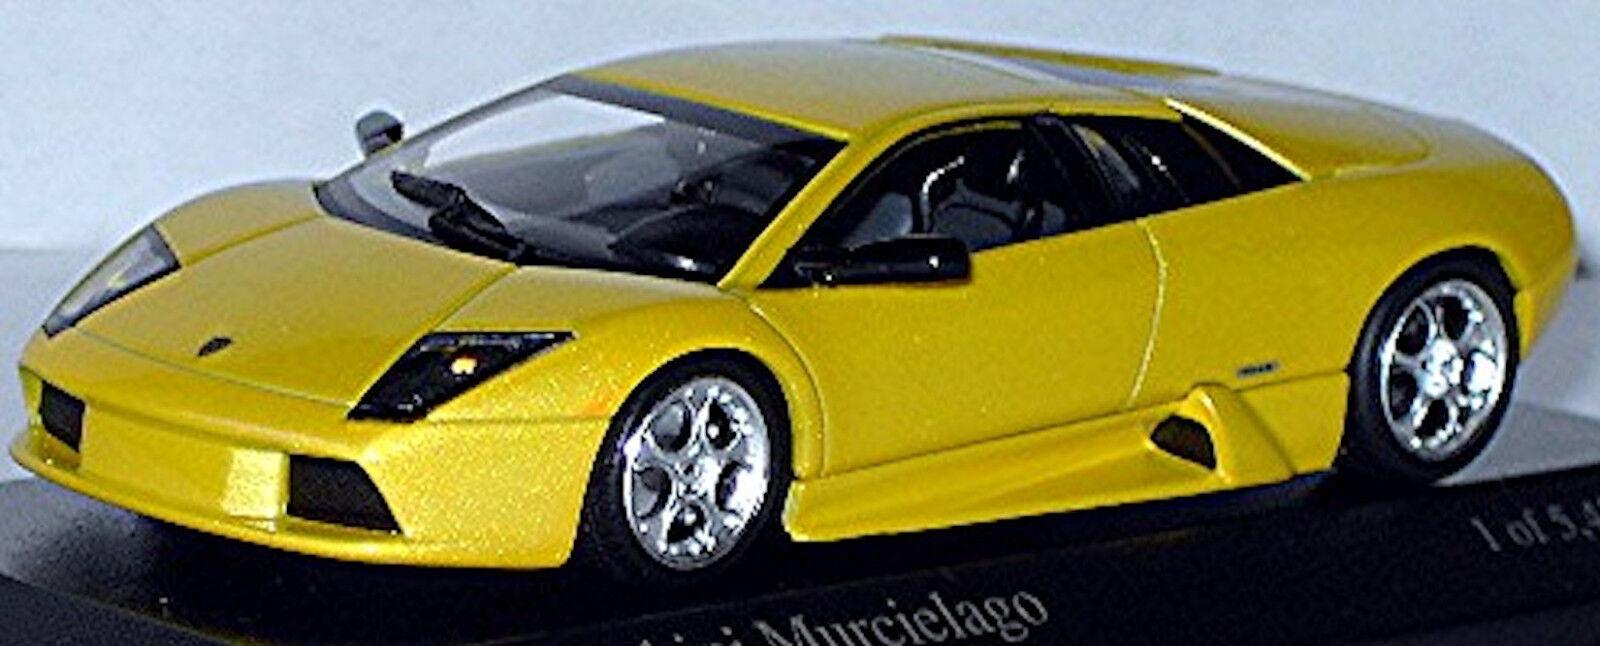 Lamborghini Murcielago Coupé 2004 jaune Orion Jaune Métallique 1 43 Minichamps